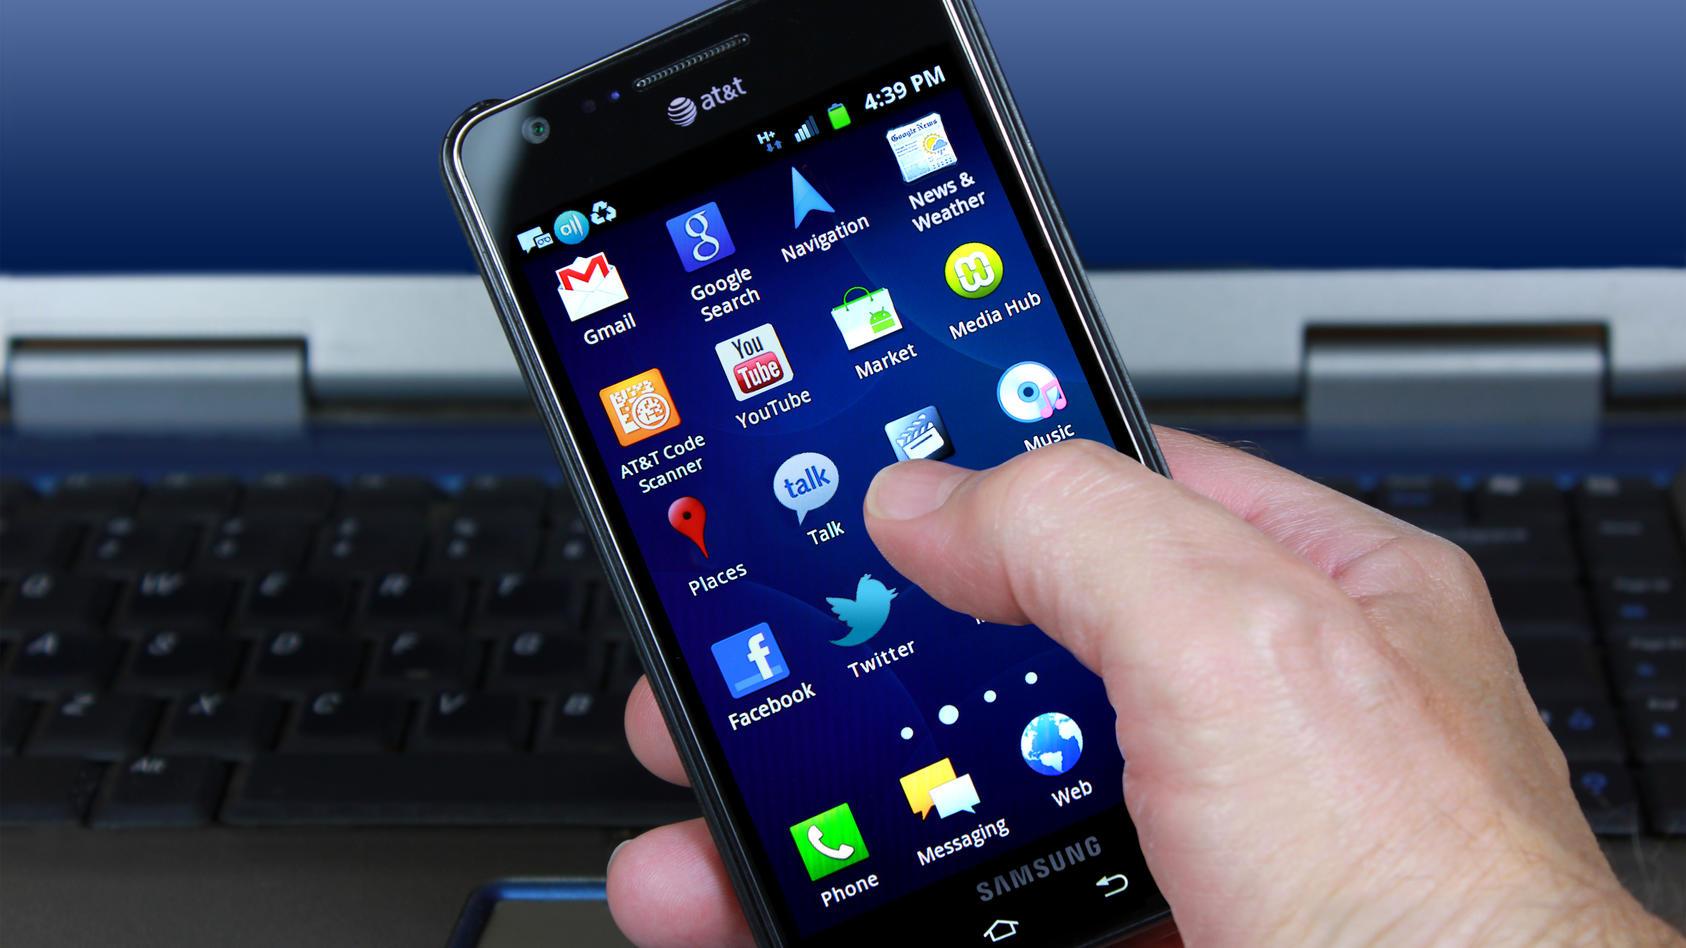 Hat Facebook ohne Einwilligung Telefondaten von Android-Smartphones gespeichert?